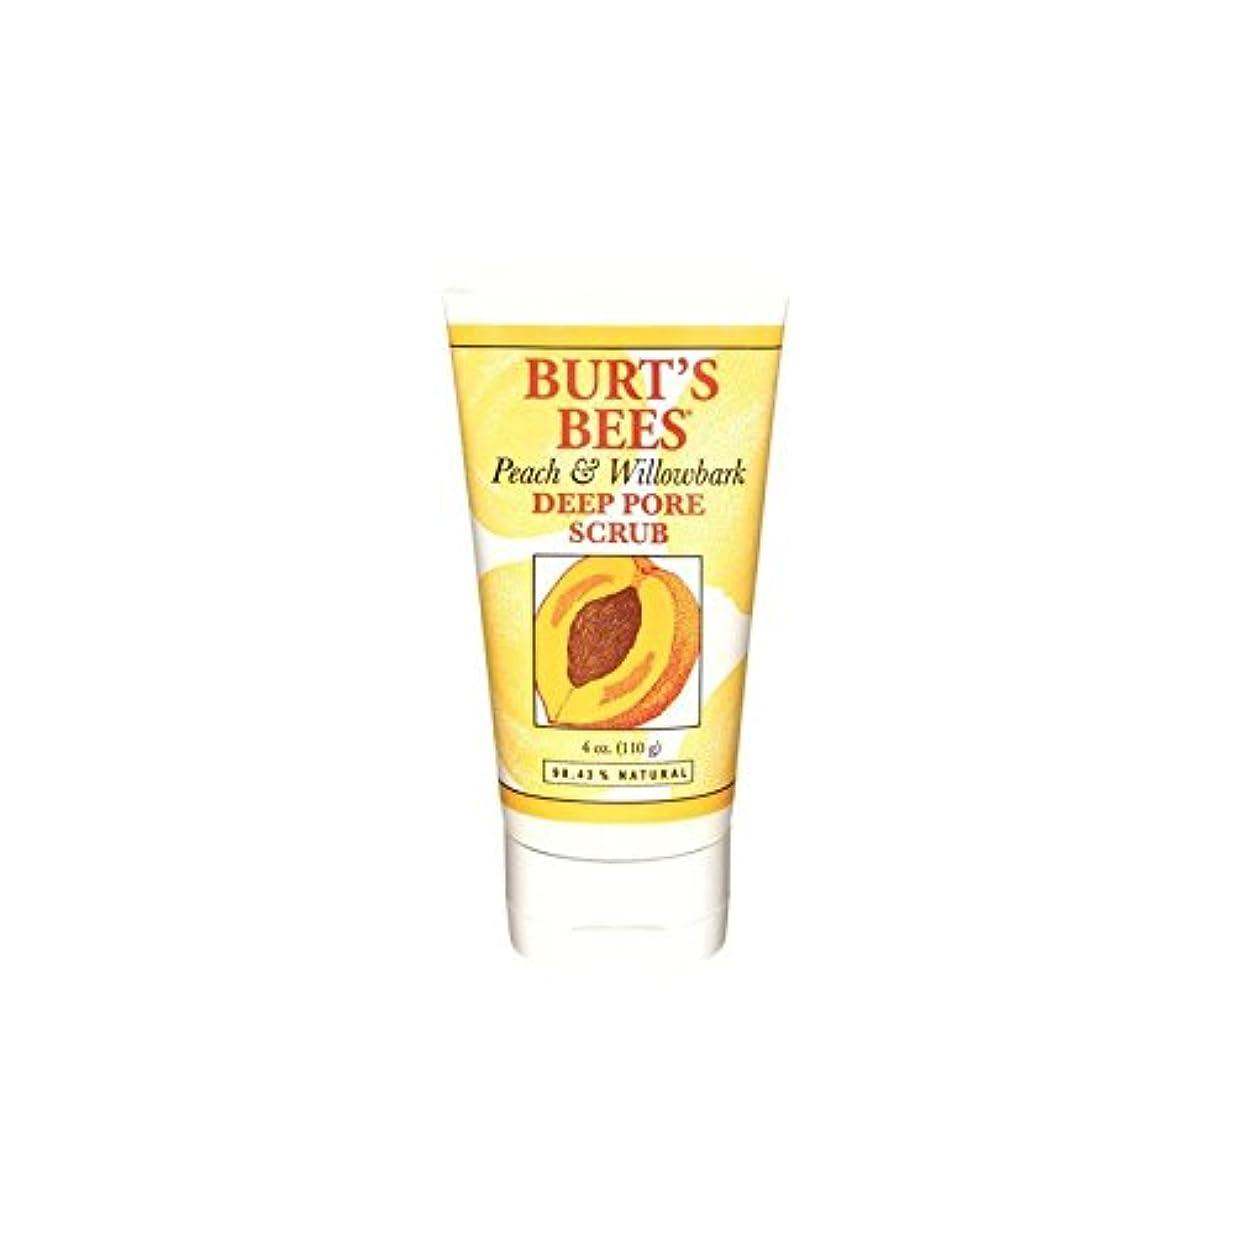 ずっとゴネリル蒸留するBurt's Bees Peach & Willowbark Deep Pore Scrub (4 Oz / 110G) - バーツビーの桃&深いポアスクラブ(4オンス/ 110グラム) [並行輸入品]